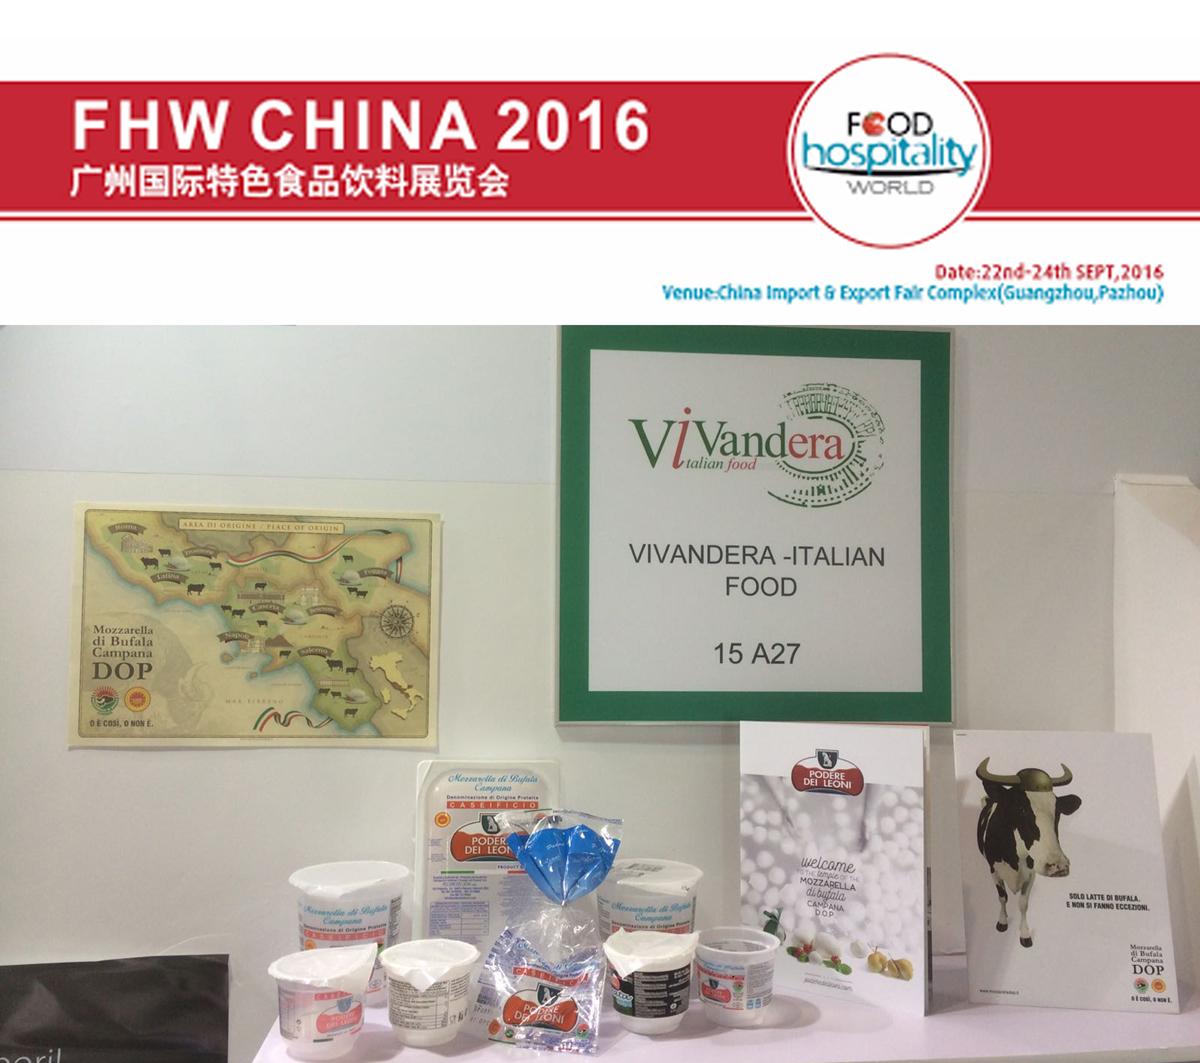 Il Podere dei Leoni al Food Hospitality World China 2016